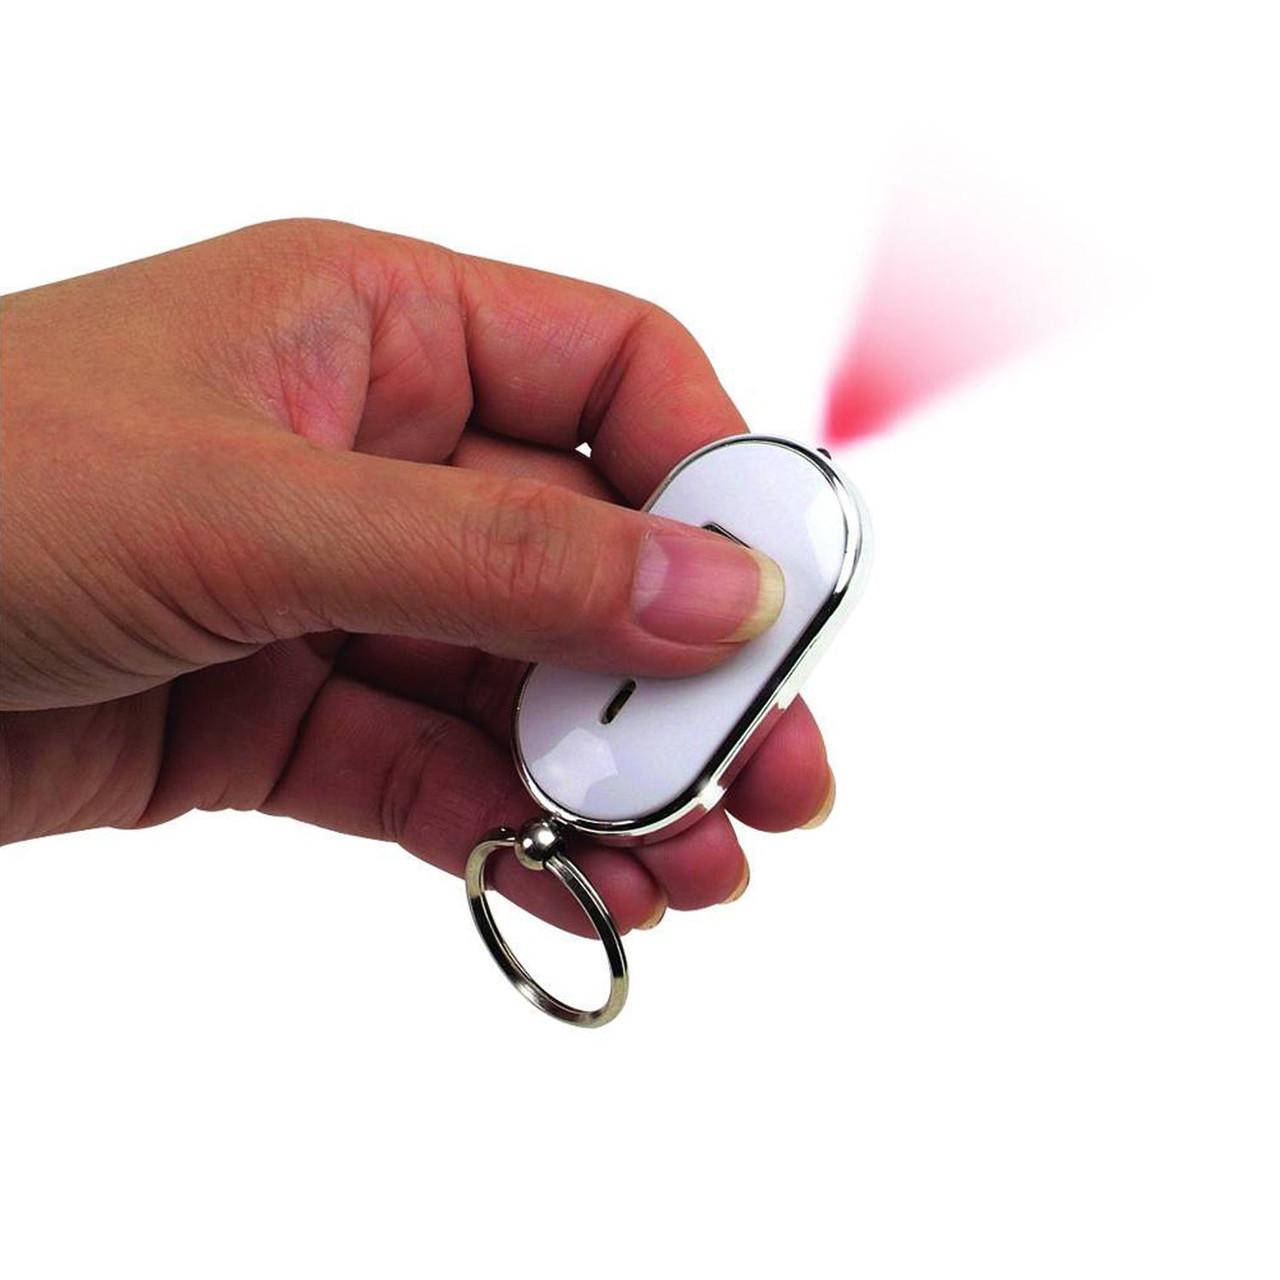 Брелок для поиска ключей и пультов управления QF-315 белый цвет с фонариком